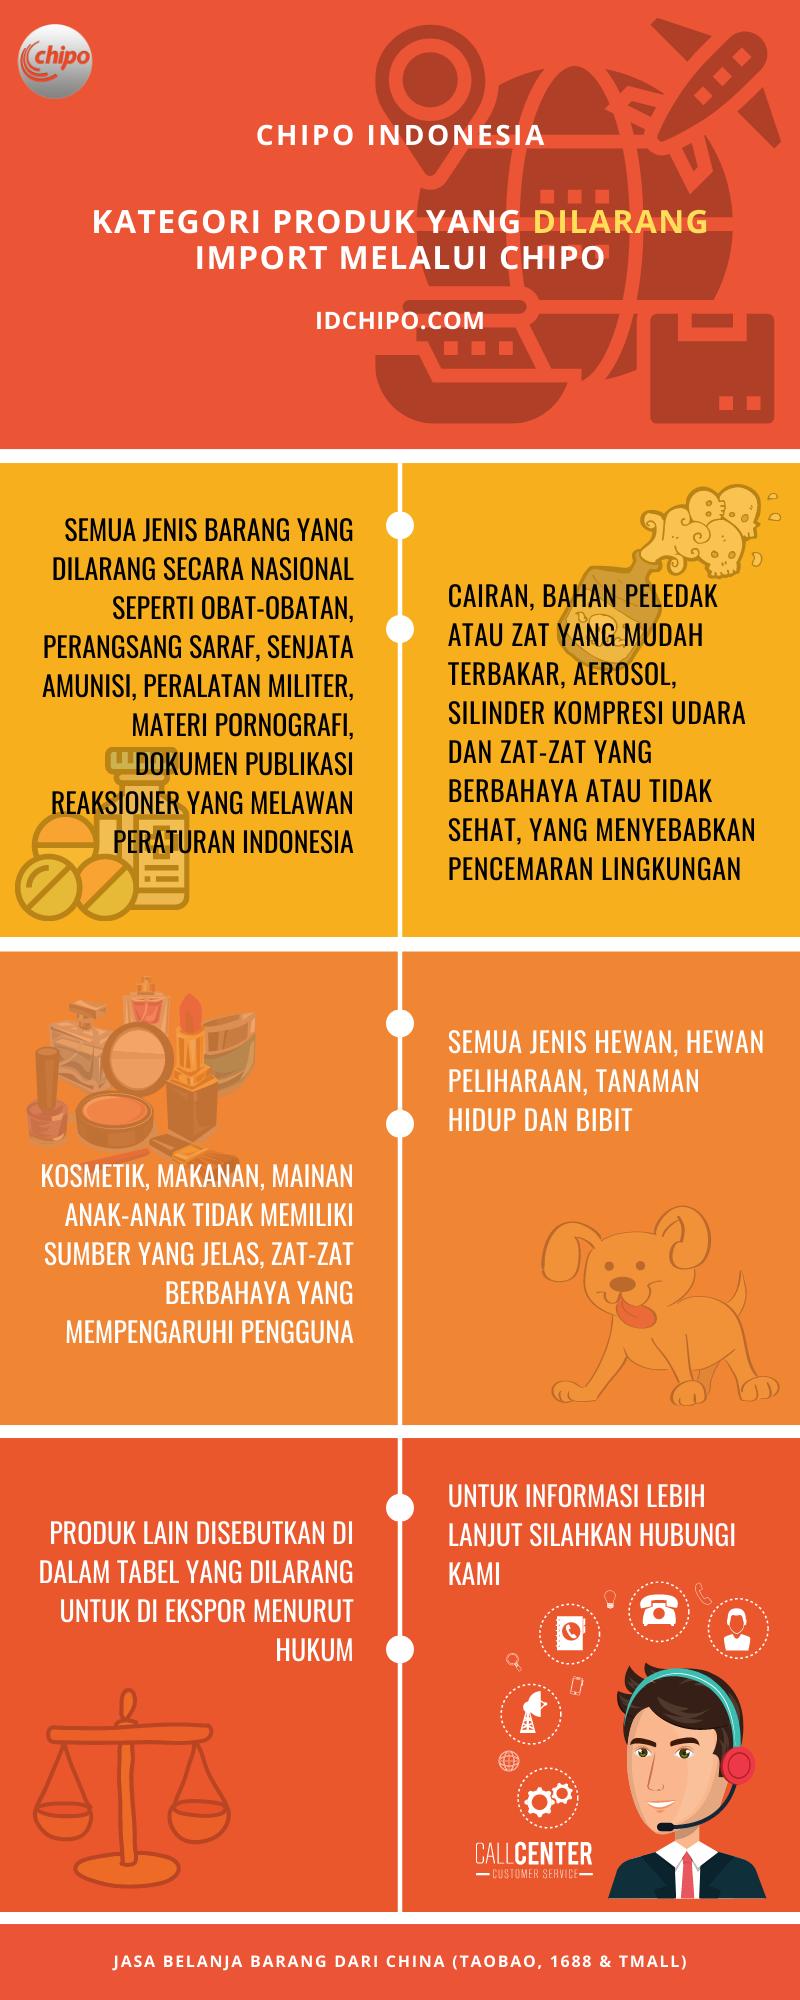 BERIKUT INI JENIS KATEGORI PRODUK YANG DILARANG IMPORT MELALUI CHIPO INDONESIA